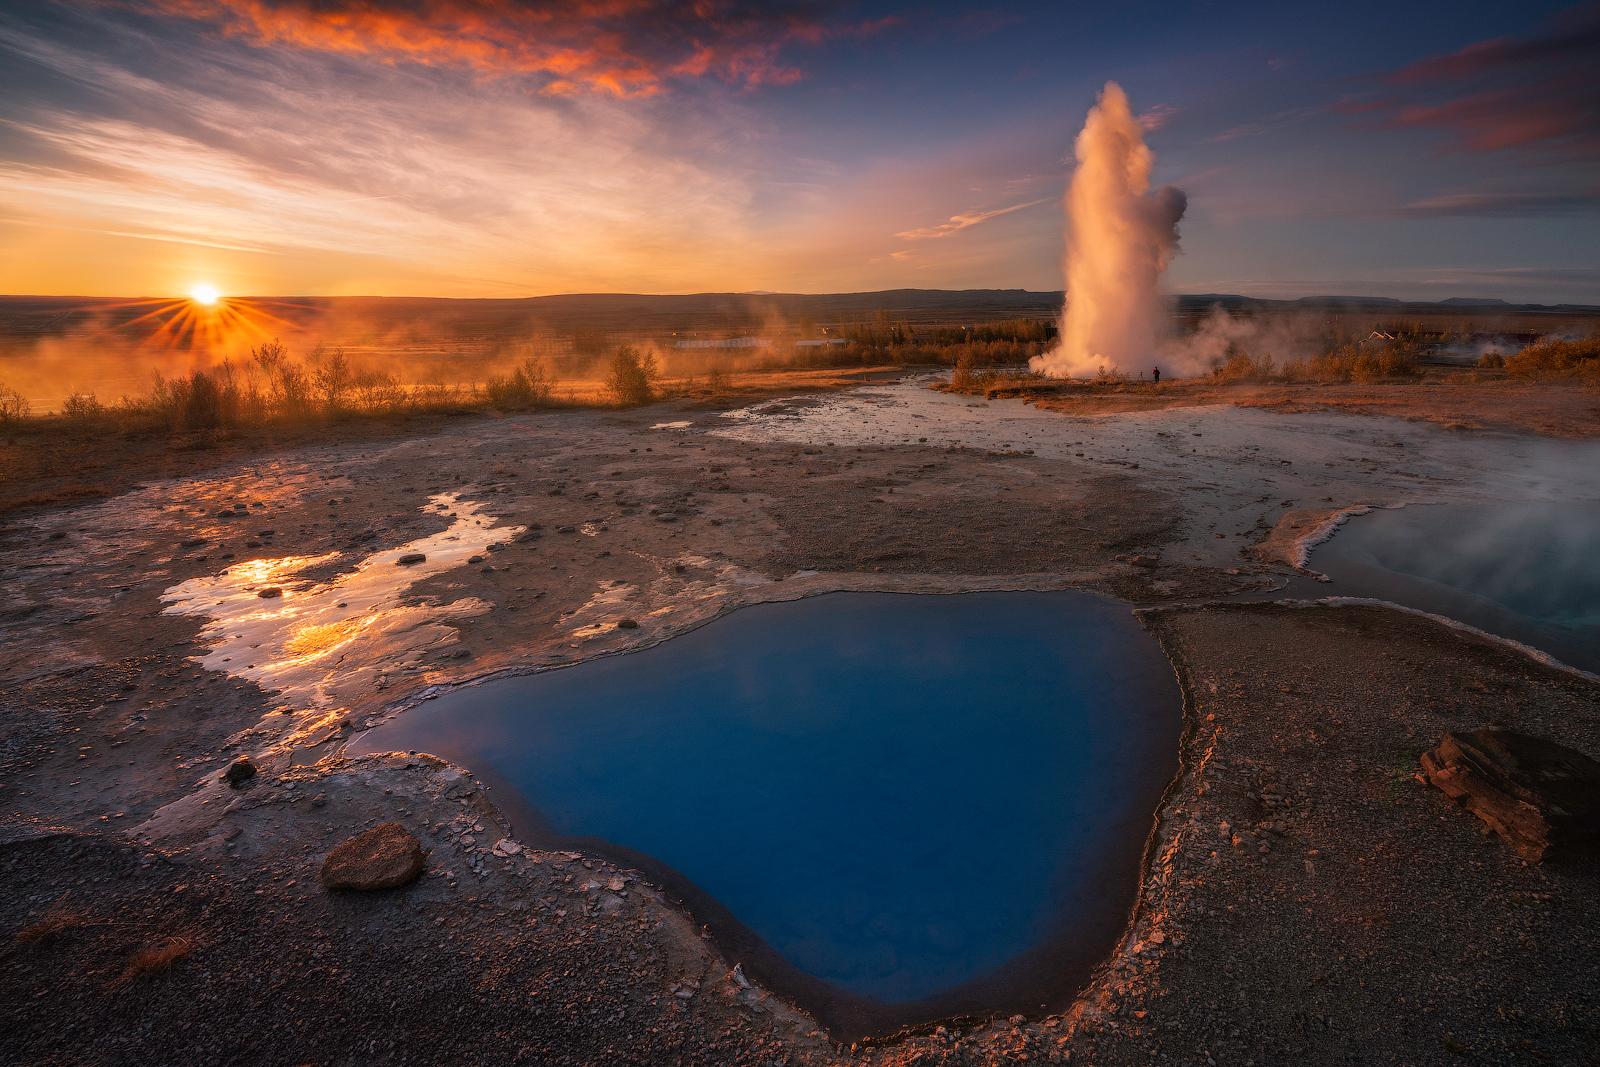 8-дневный летний мастер-класс по ландшафтной фотографии в Исландии - day 7